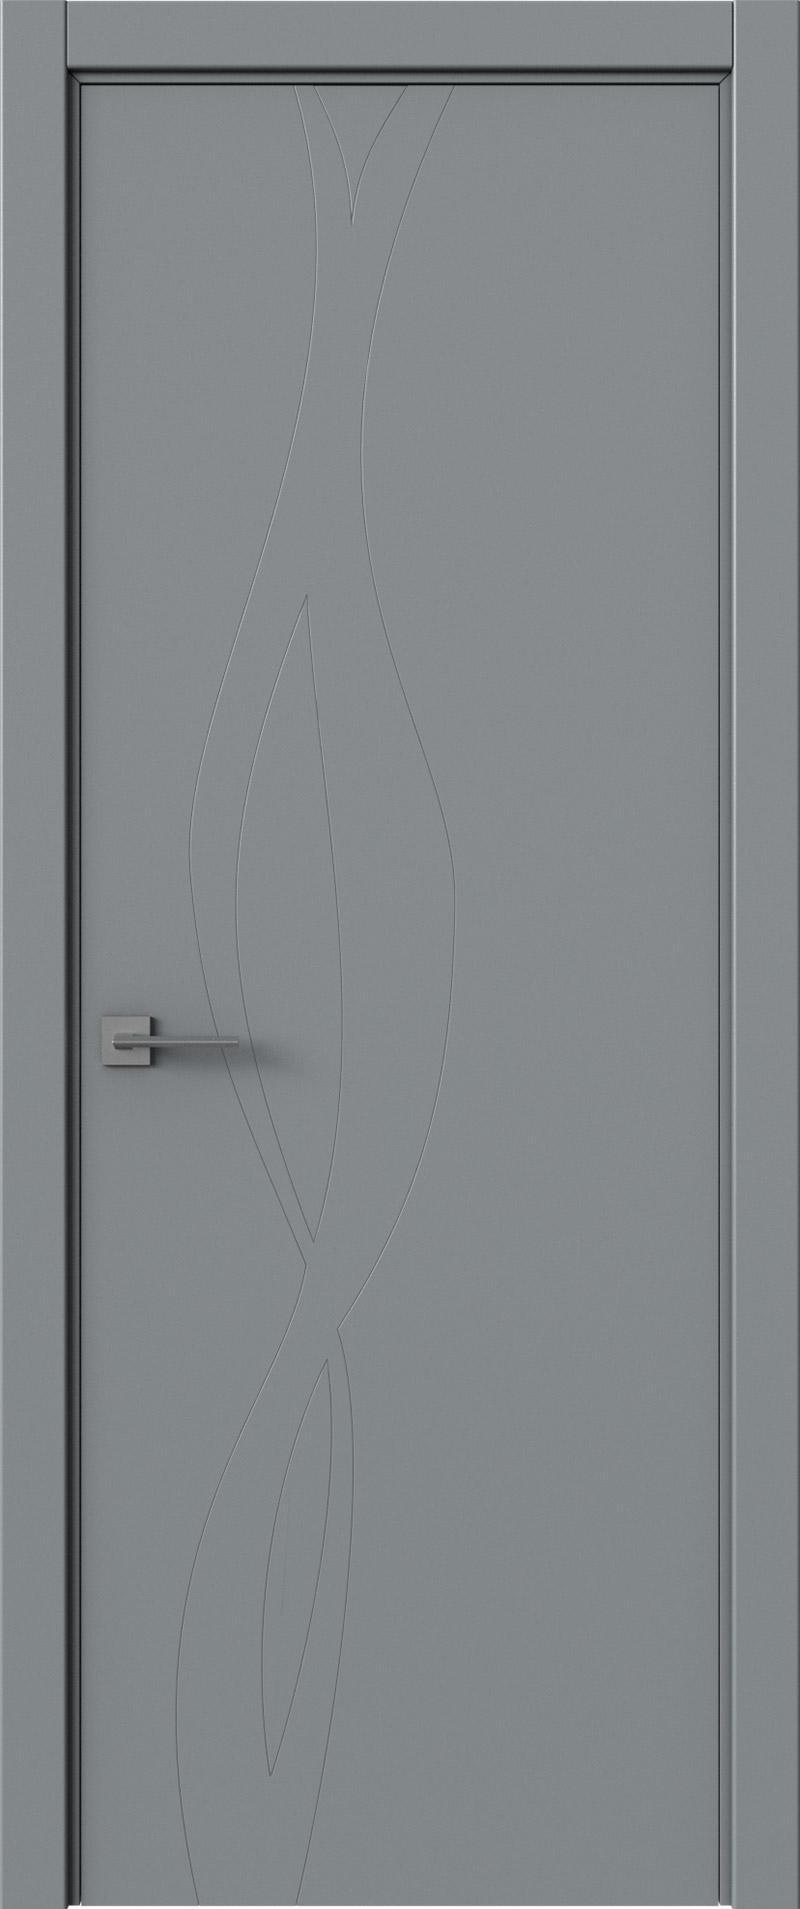 Tivoli Г-5 цвет - Серебристо-серая эмаль (RAL 7045) Без стекла (ДГ)